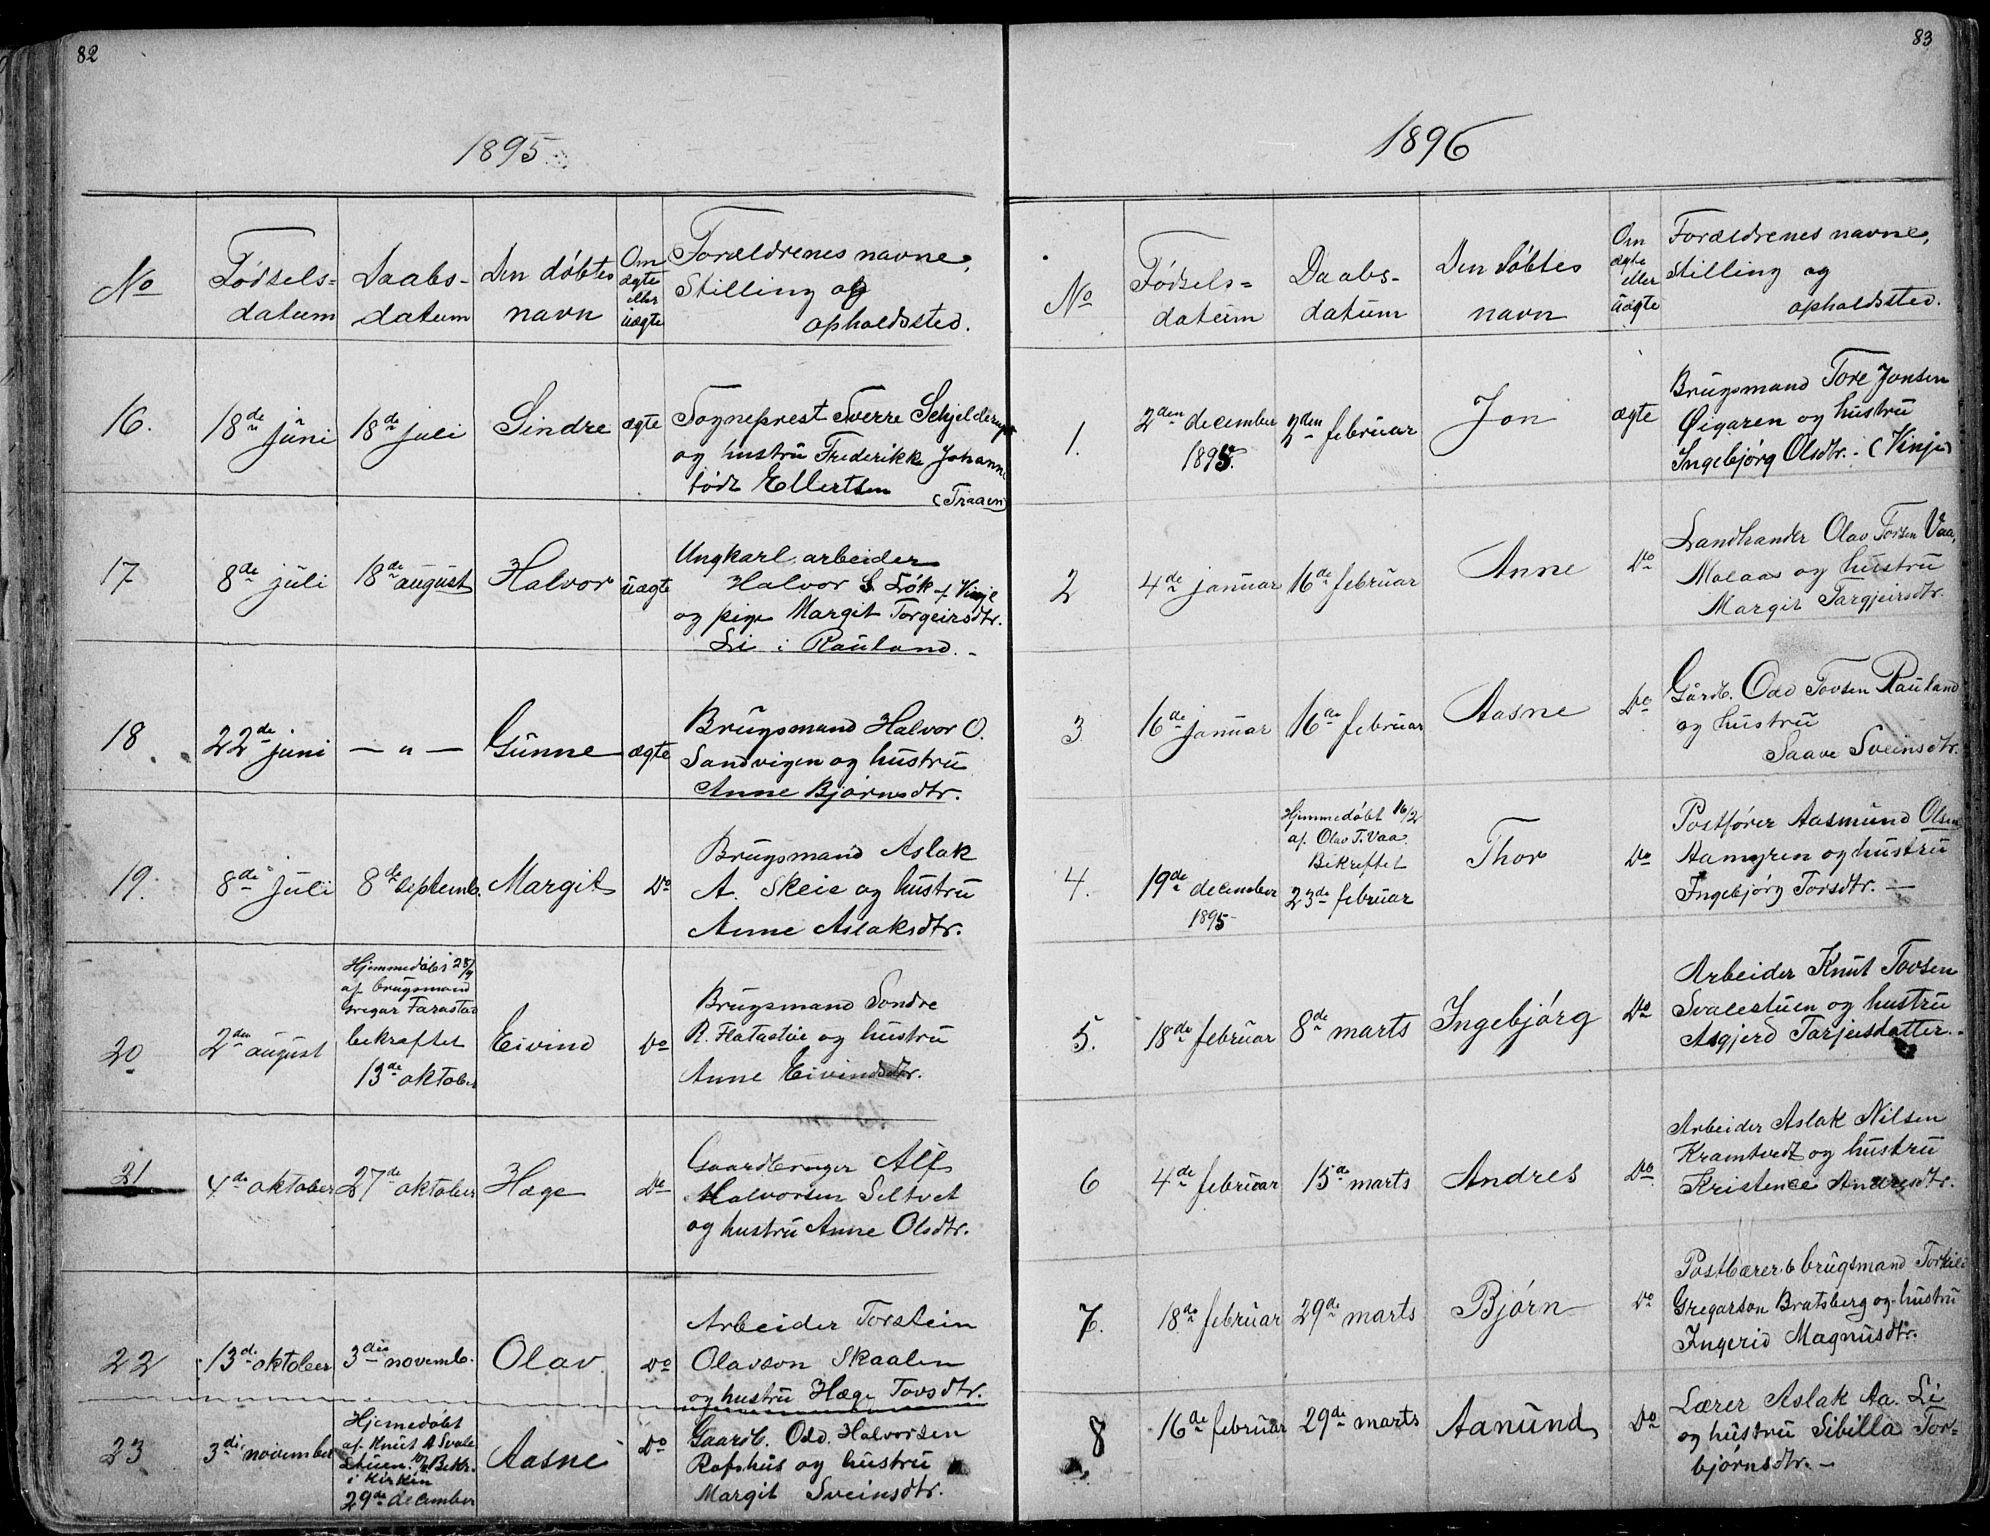 SAKO, Rauland kirkebøker, G/Ga/L0002: Klokkerbok nr. I 2, 1849-1935, s. 82-83